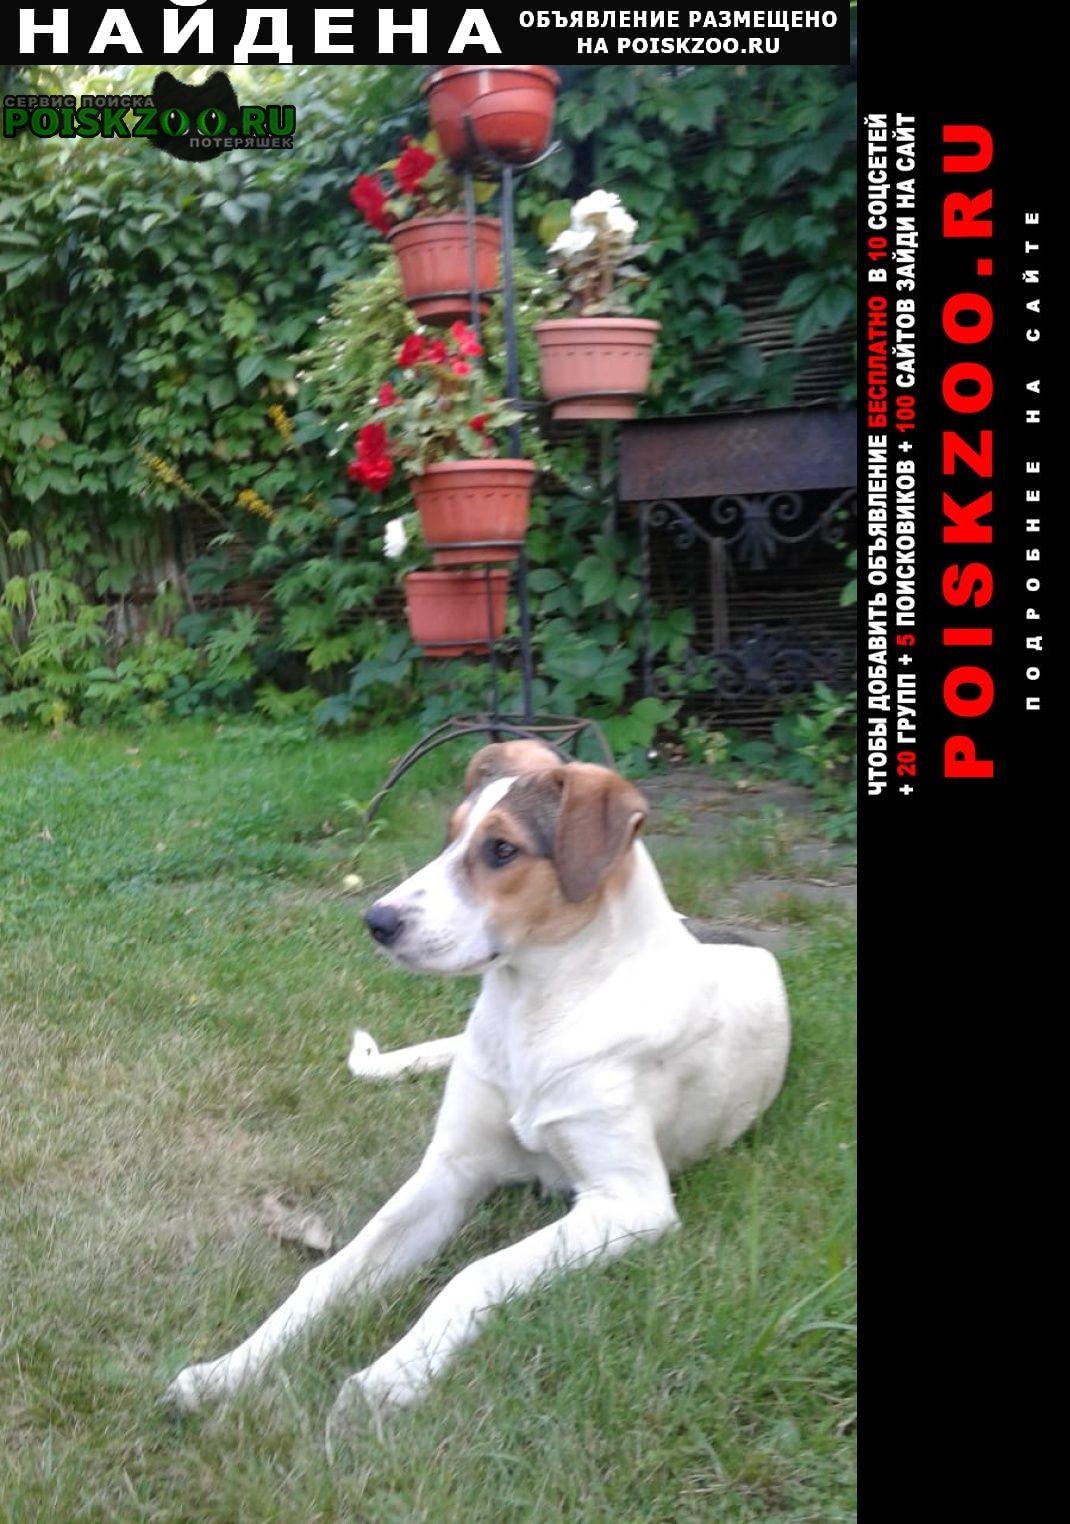 Найдена собака кобель в загорянке Загорянский